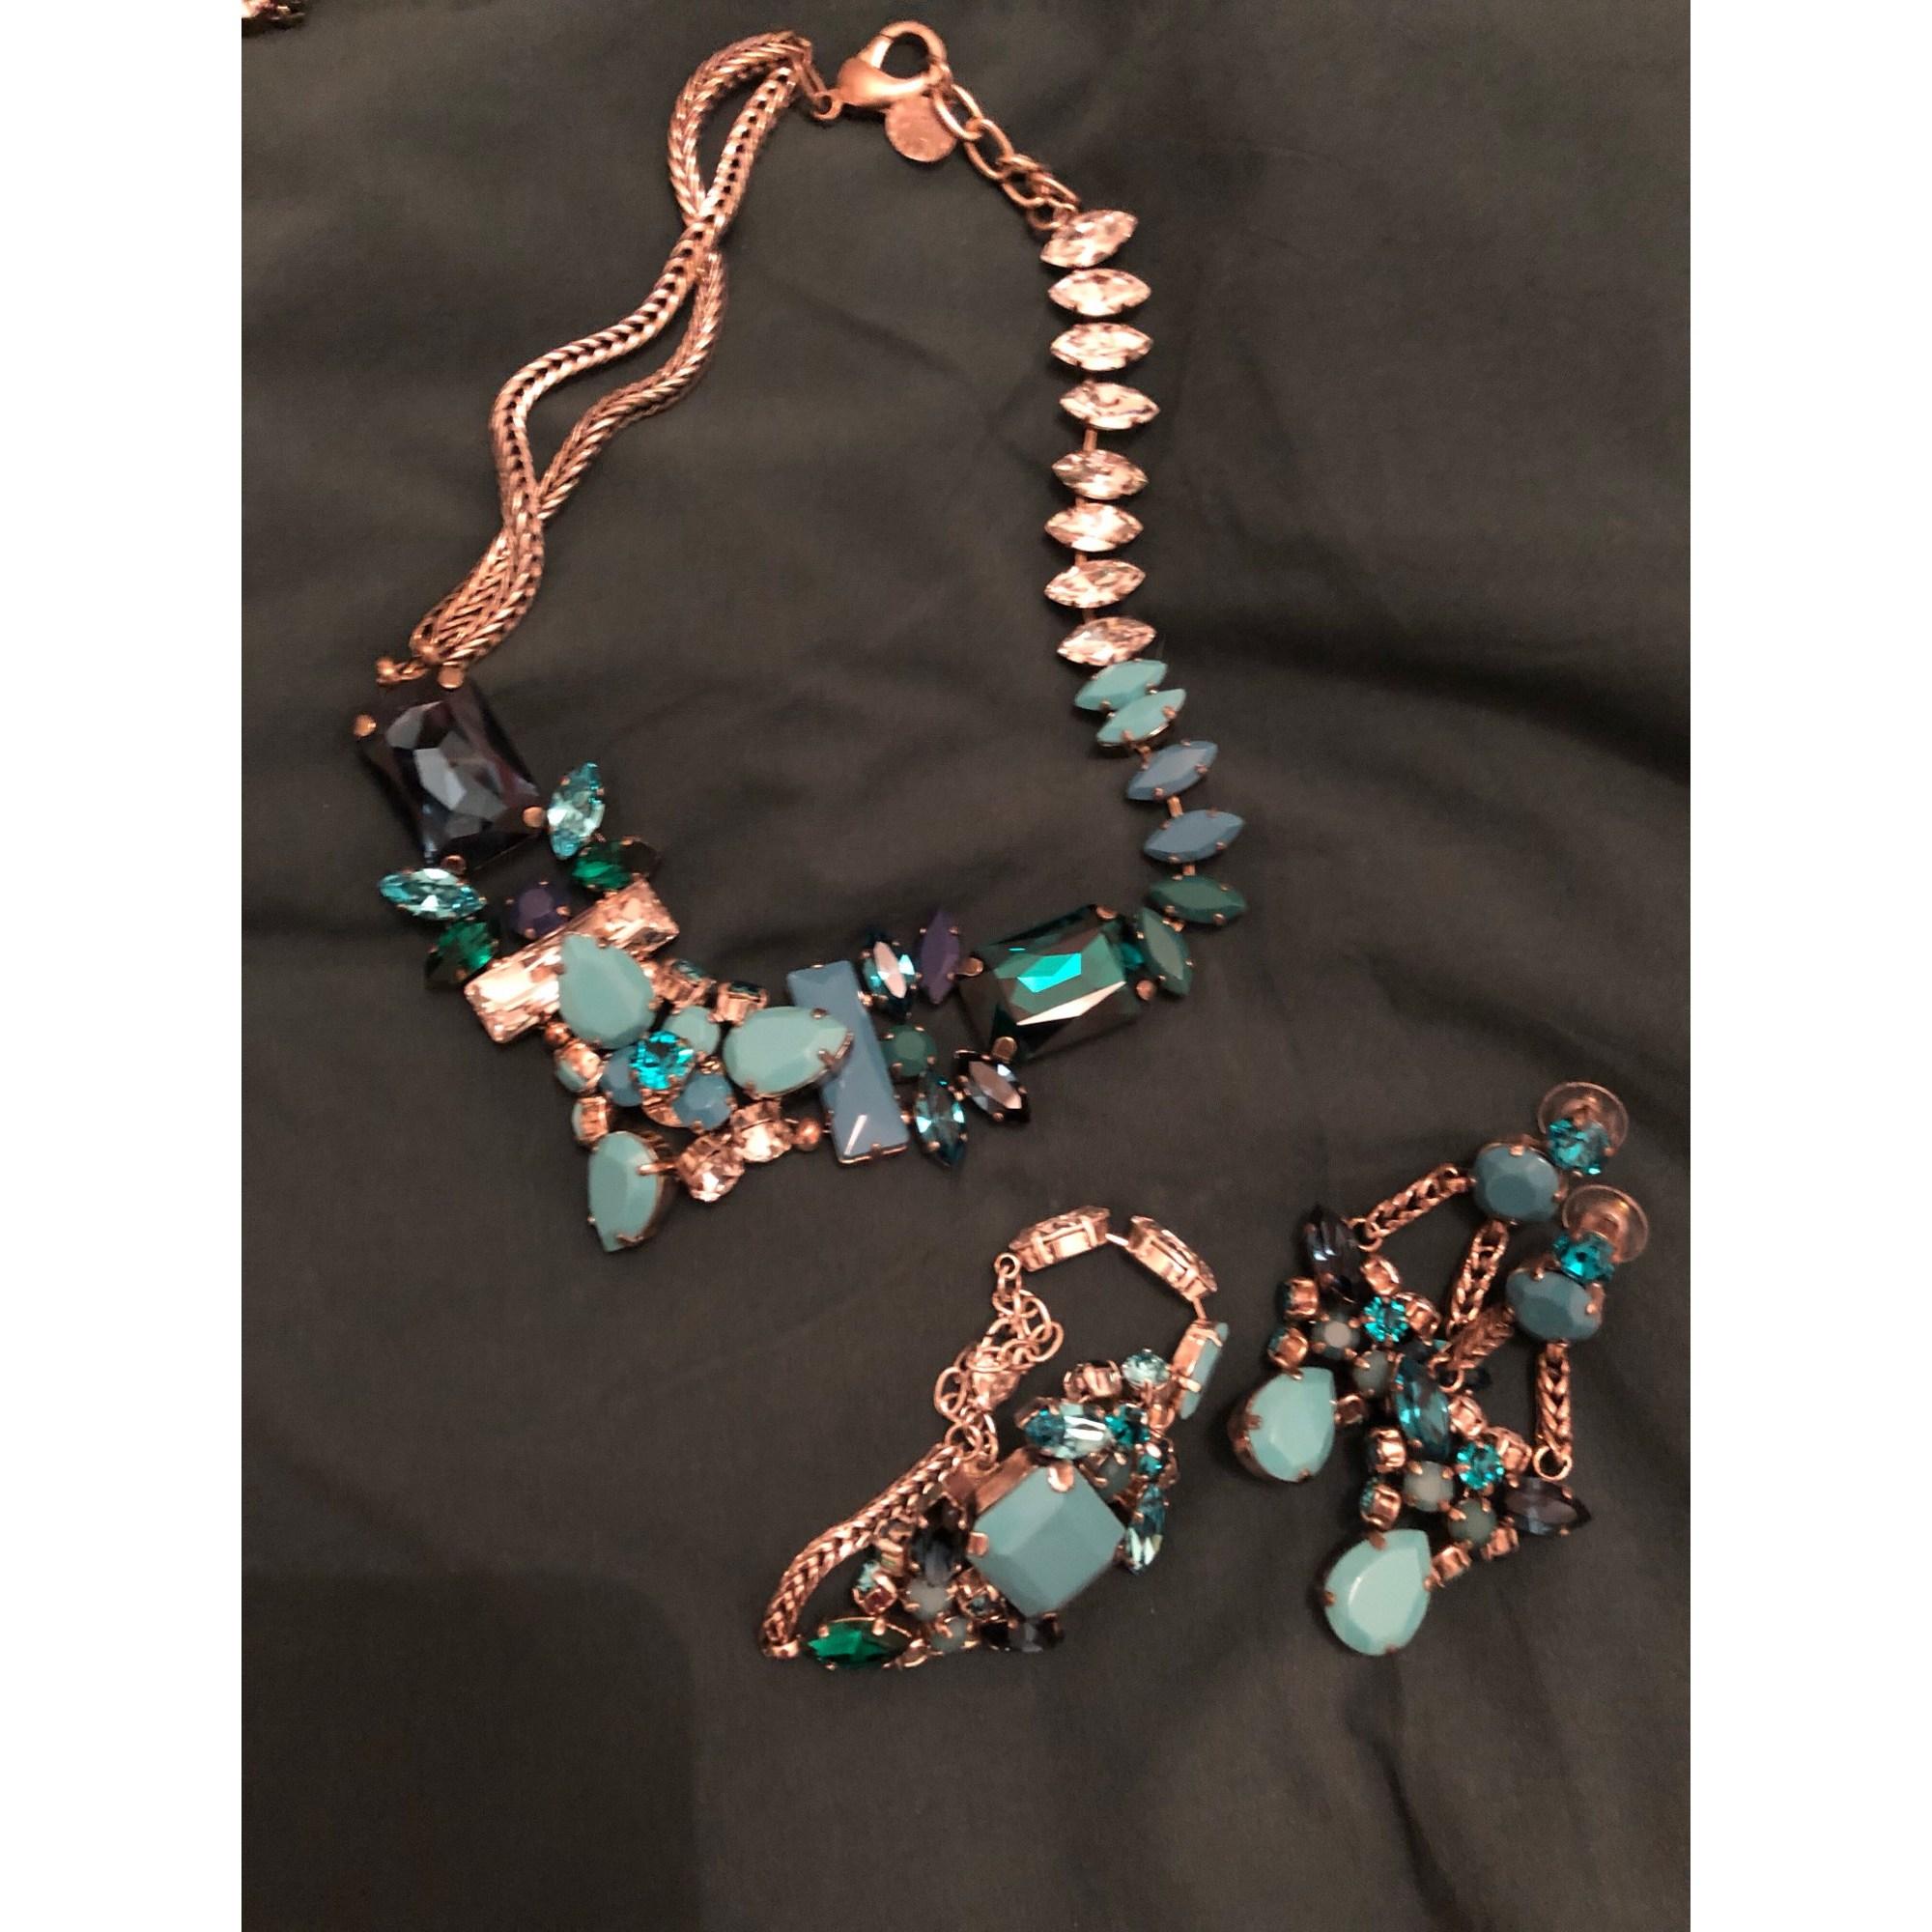 3c38219eff5e Parure bijoux REMINISCENCE bleu vendu par Elo2lyon - 8291724